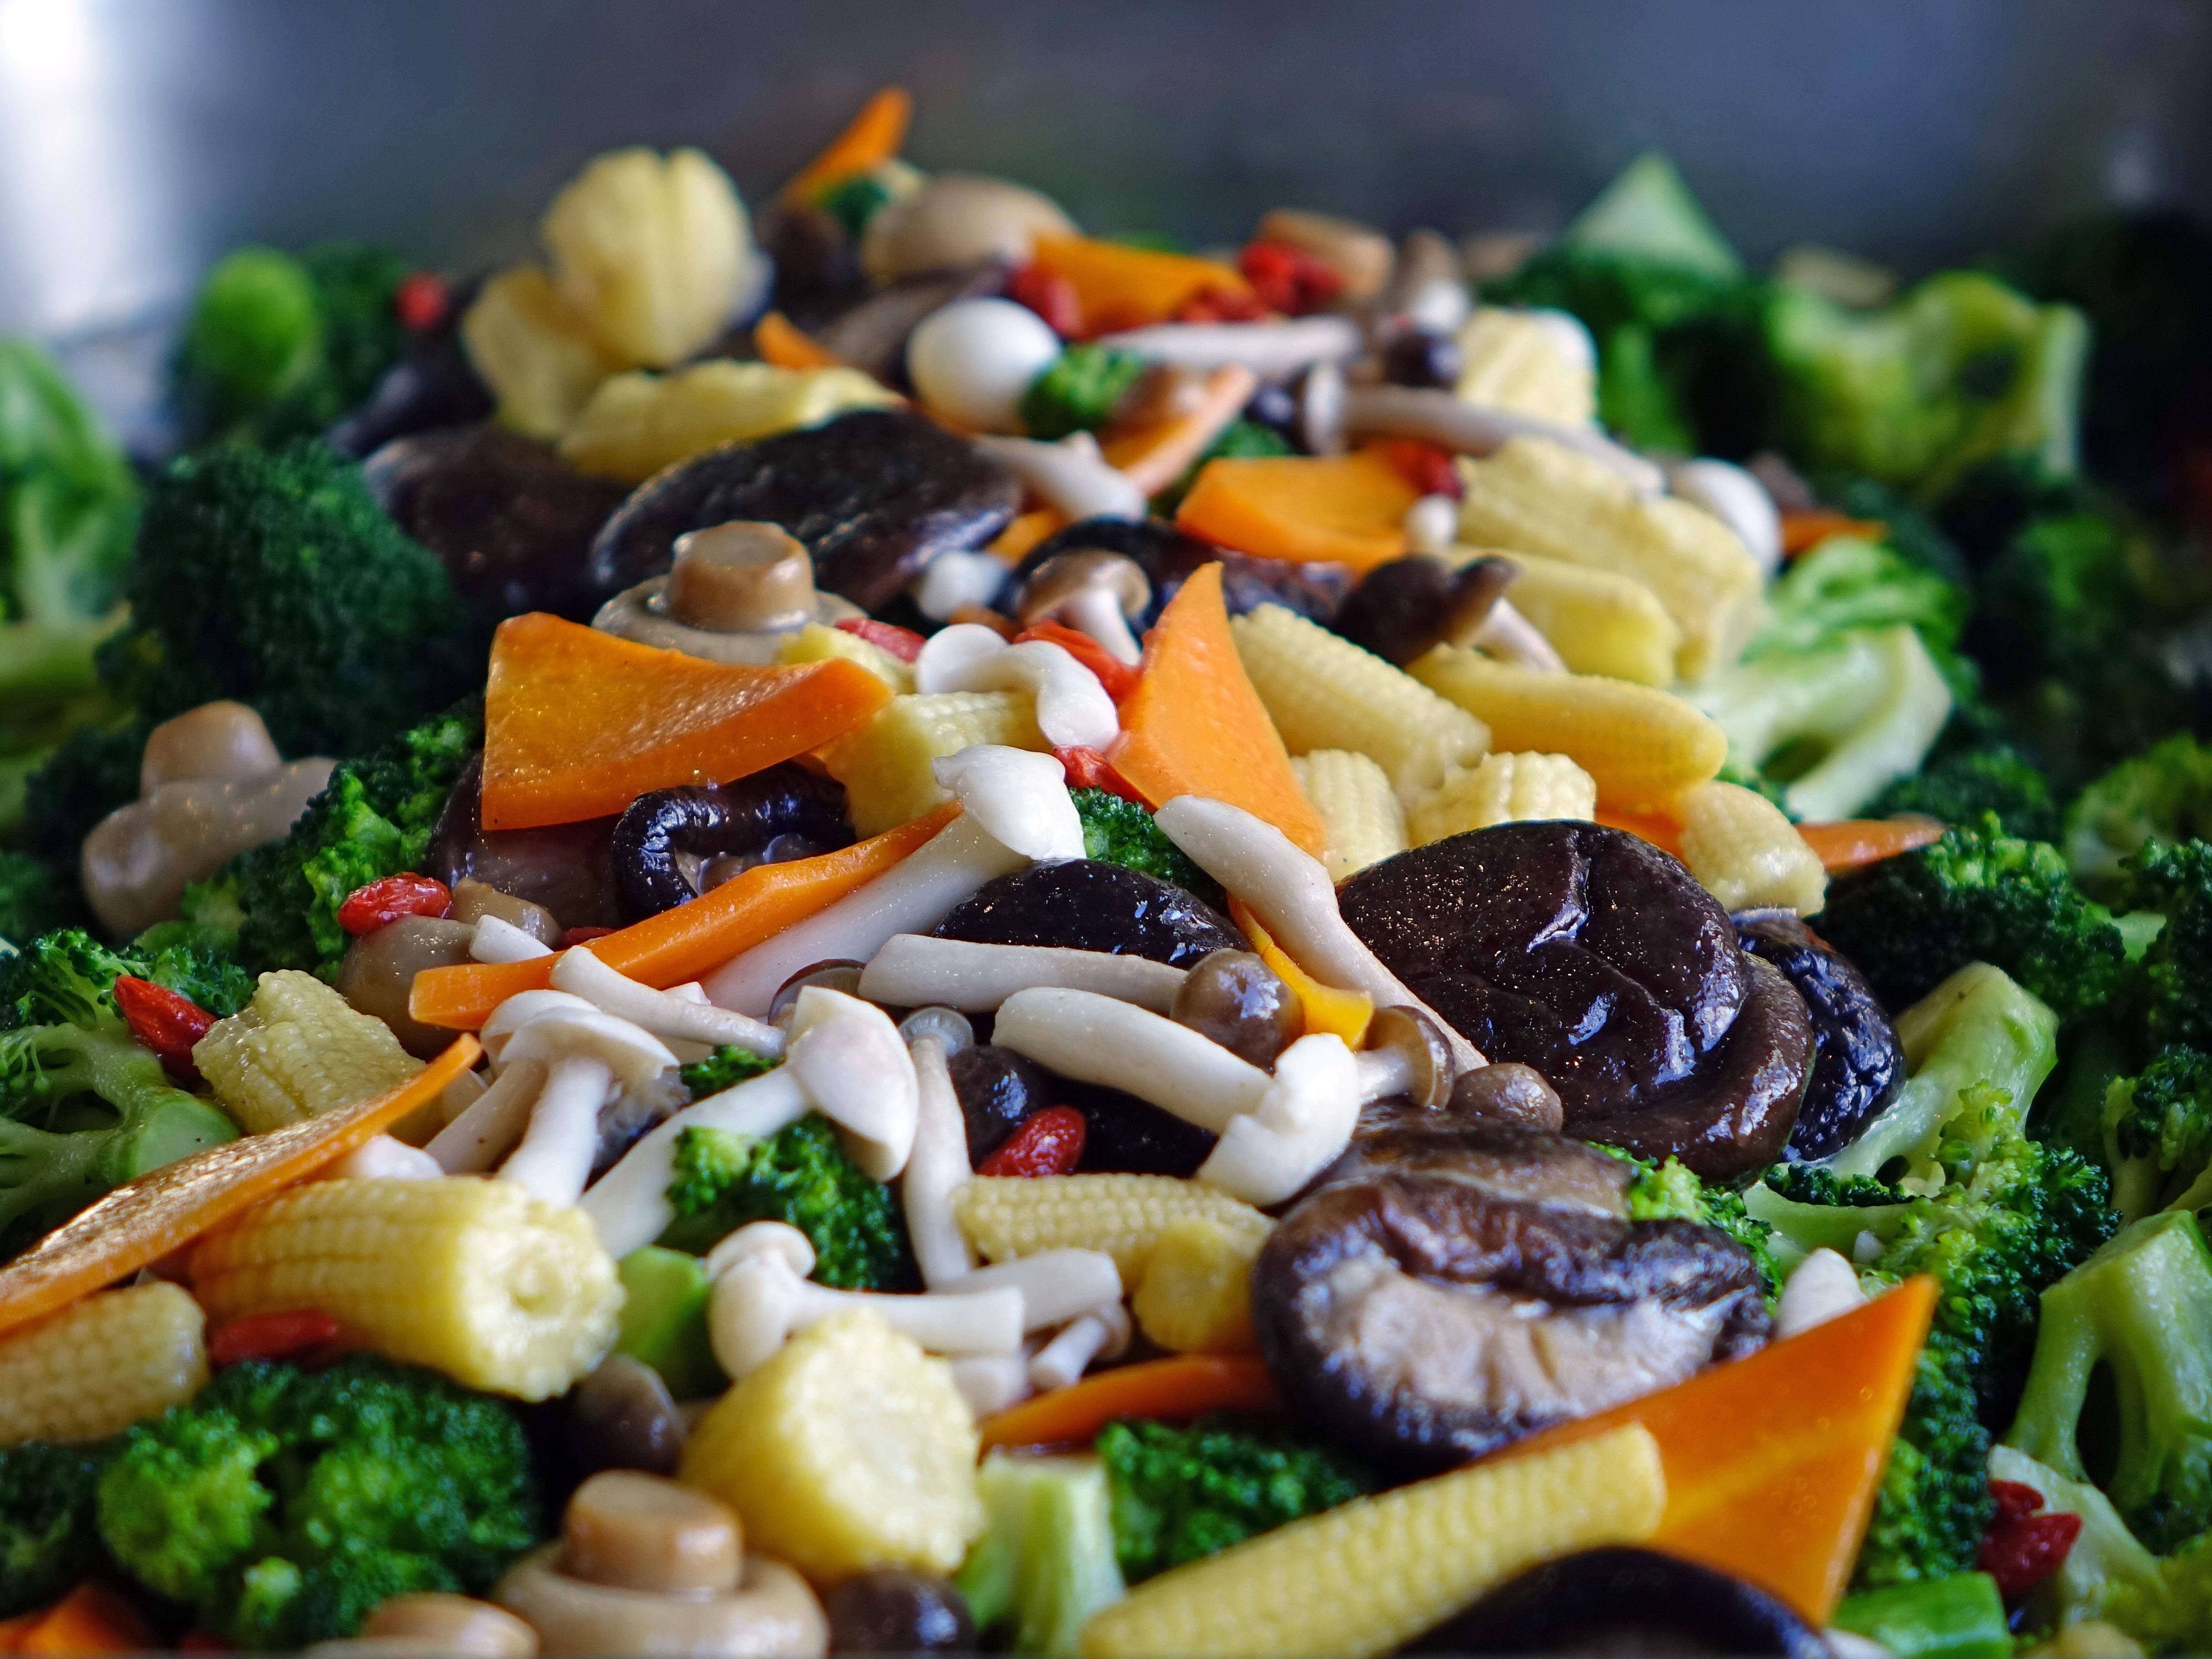 вегетарианский обед картинки ранее сообщали